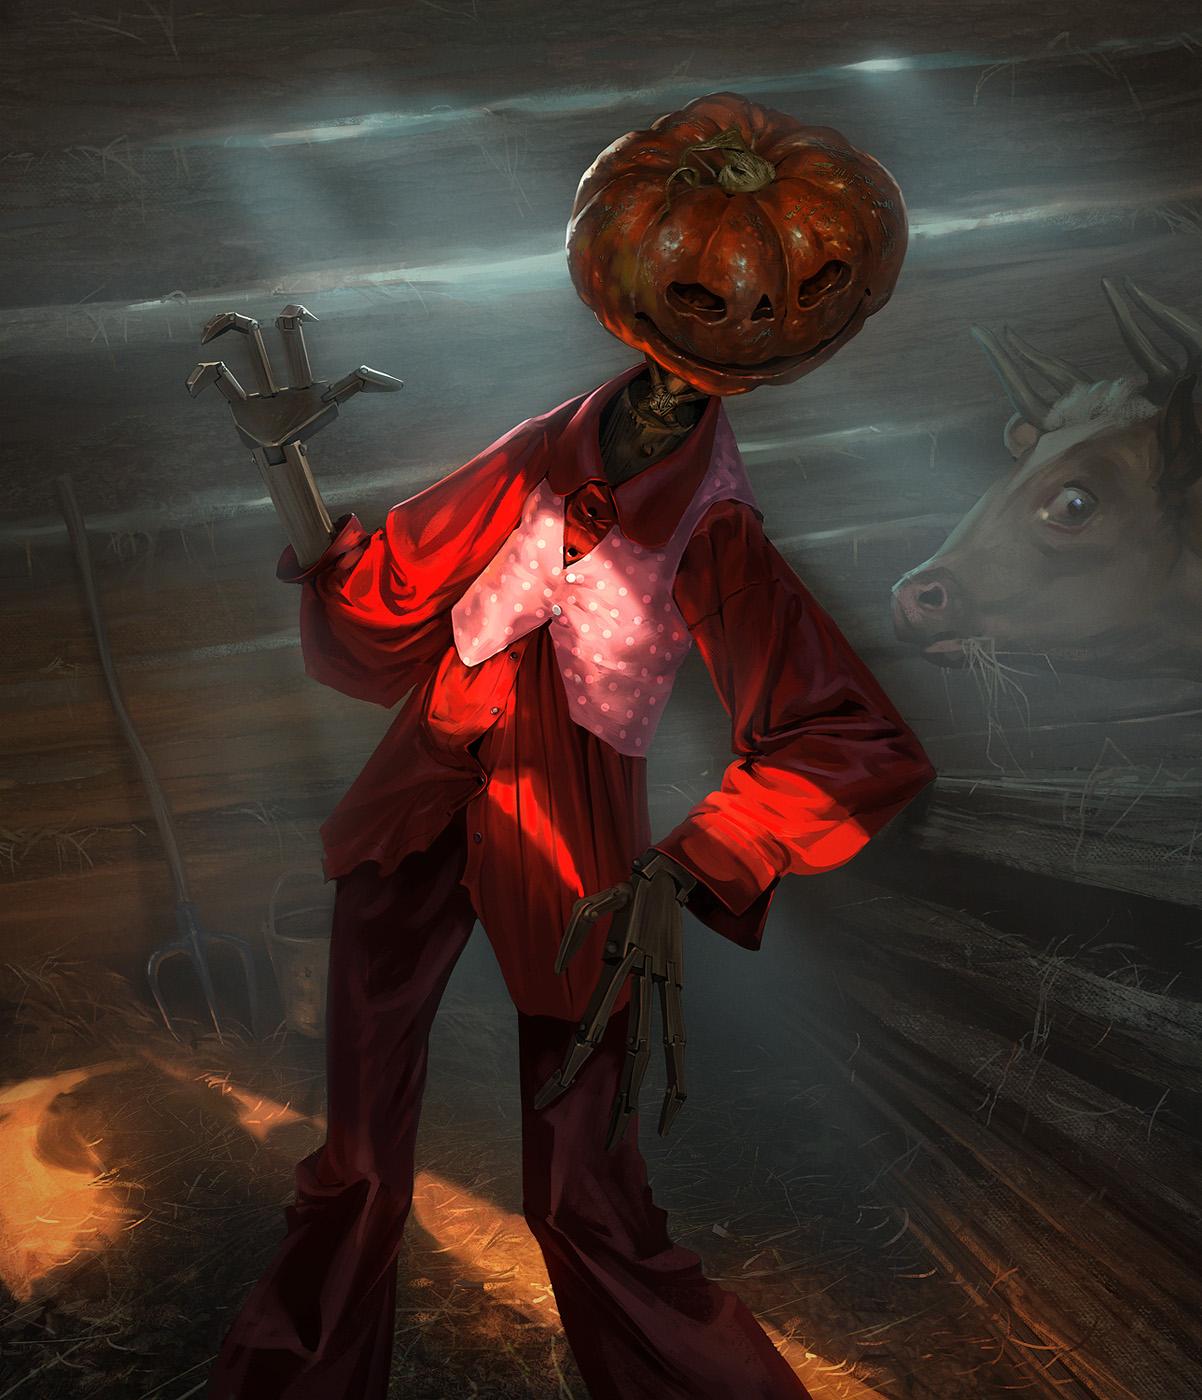 Jack Pumpkinhead by Pervandr